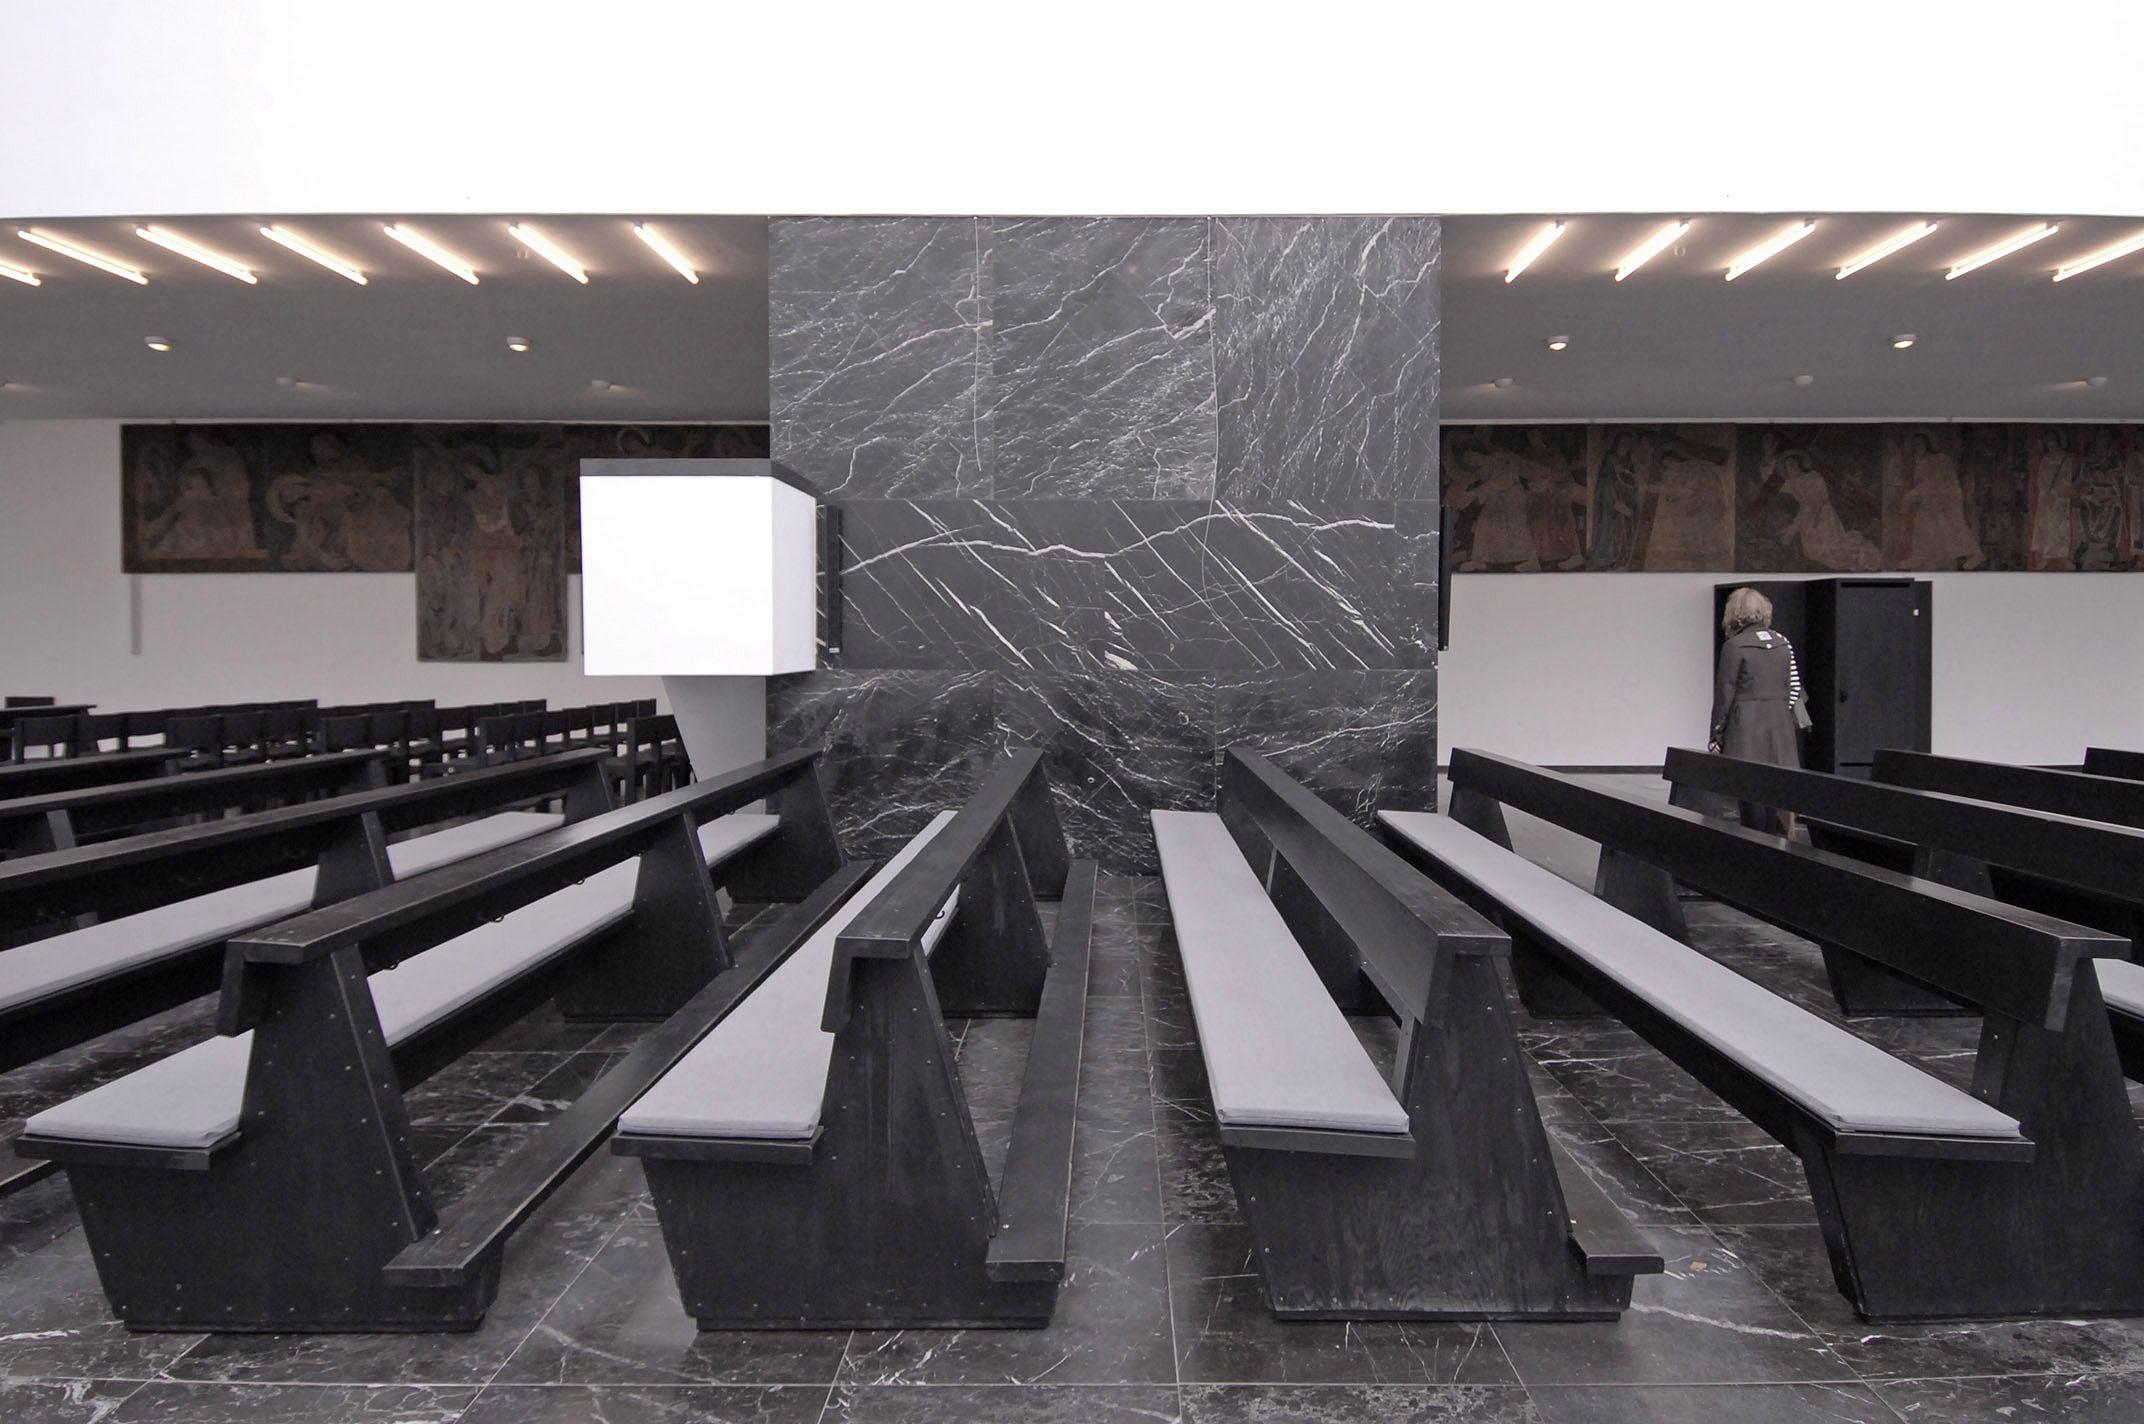 Церковь st fronleichnam архитектора и богослова Рудольфа Шварца  Церковь st fronleichnam архитектора и богослова Рудольфа Шварца Германия 1930 год